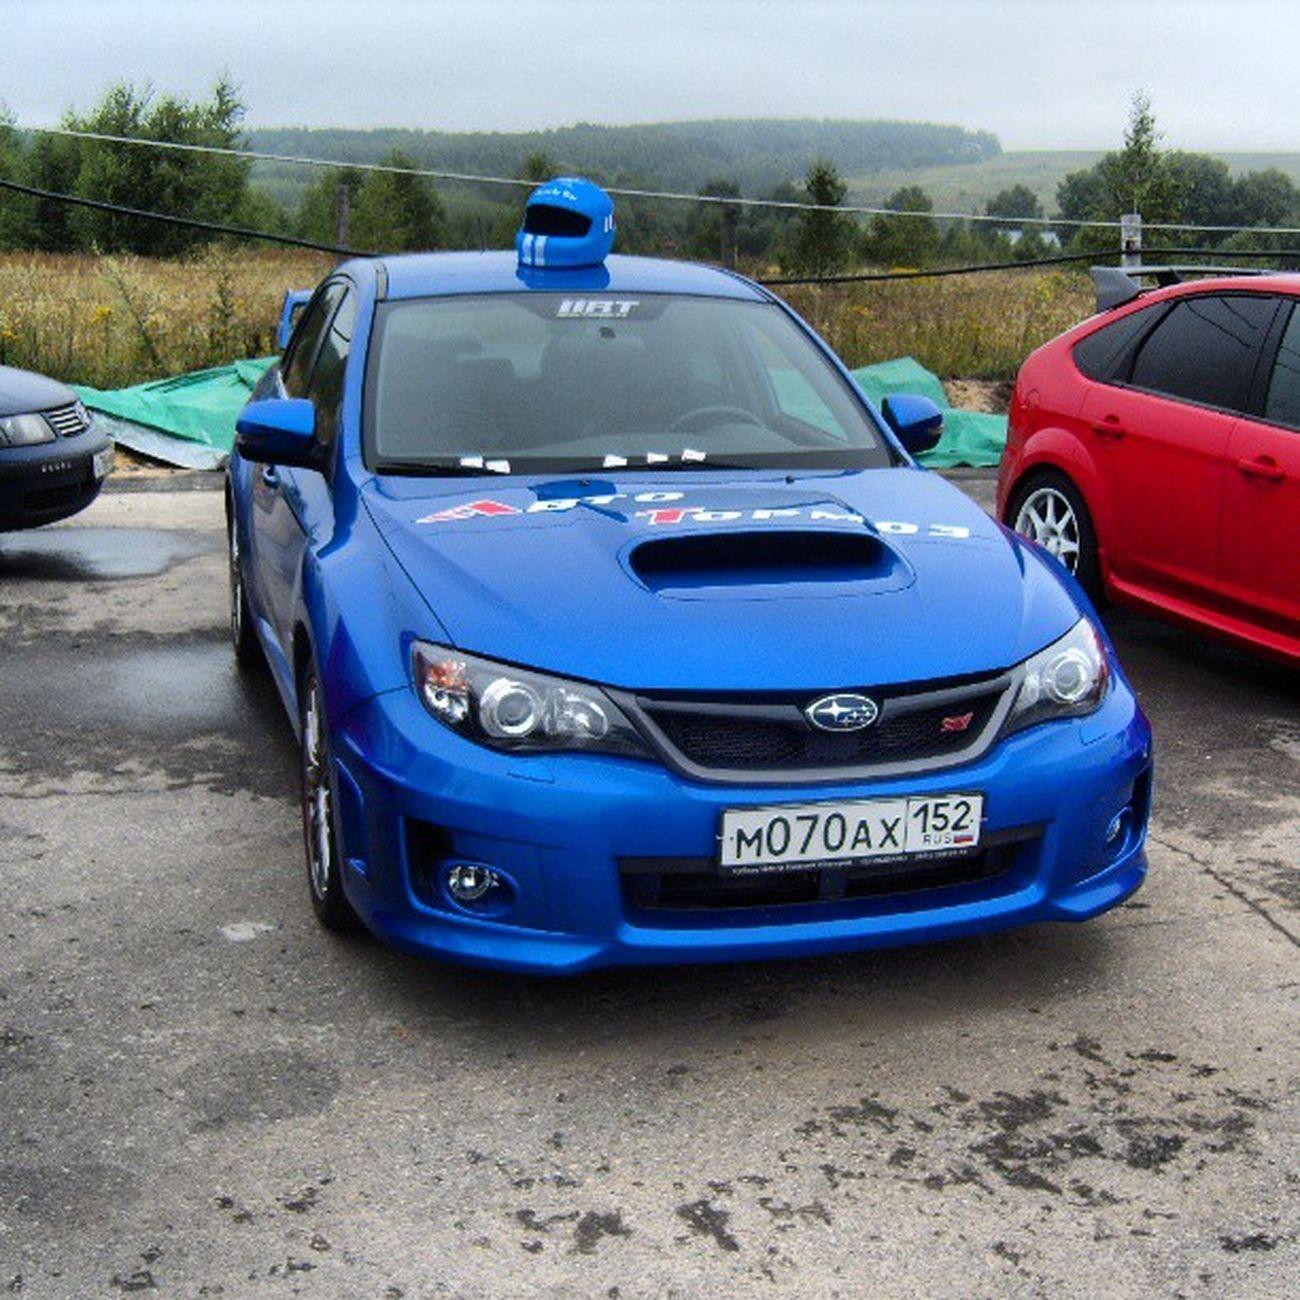 Nnov , Nnring , Rda , Subaru_wrx , субару , drift